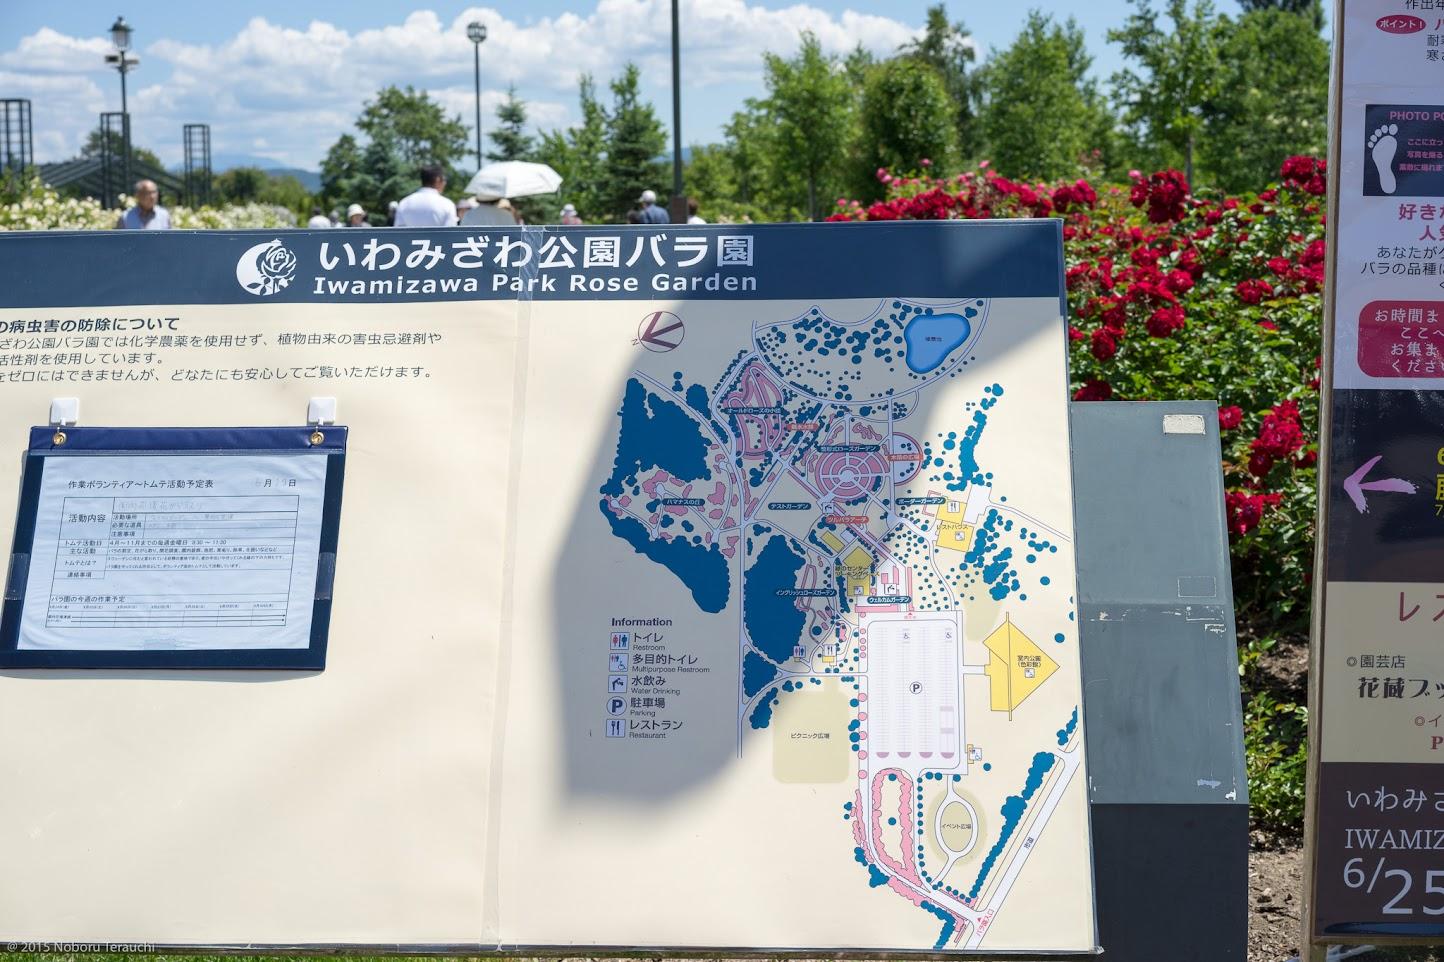 いわみざわ公園バラ園案内図